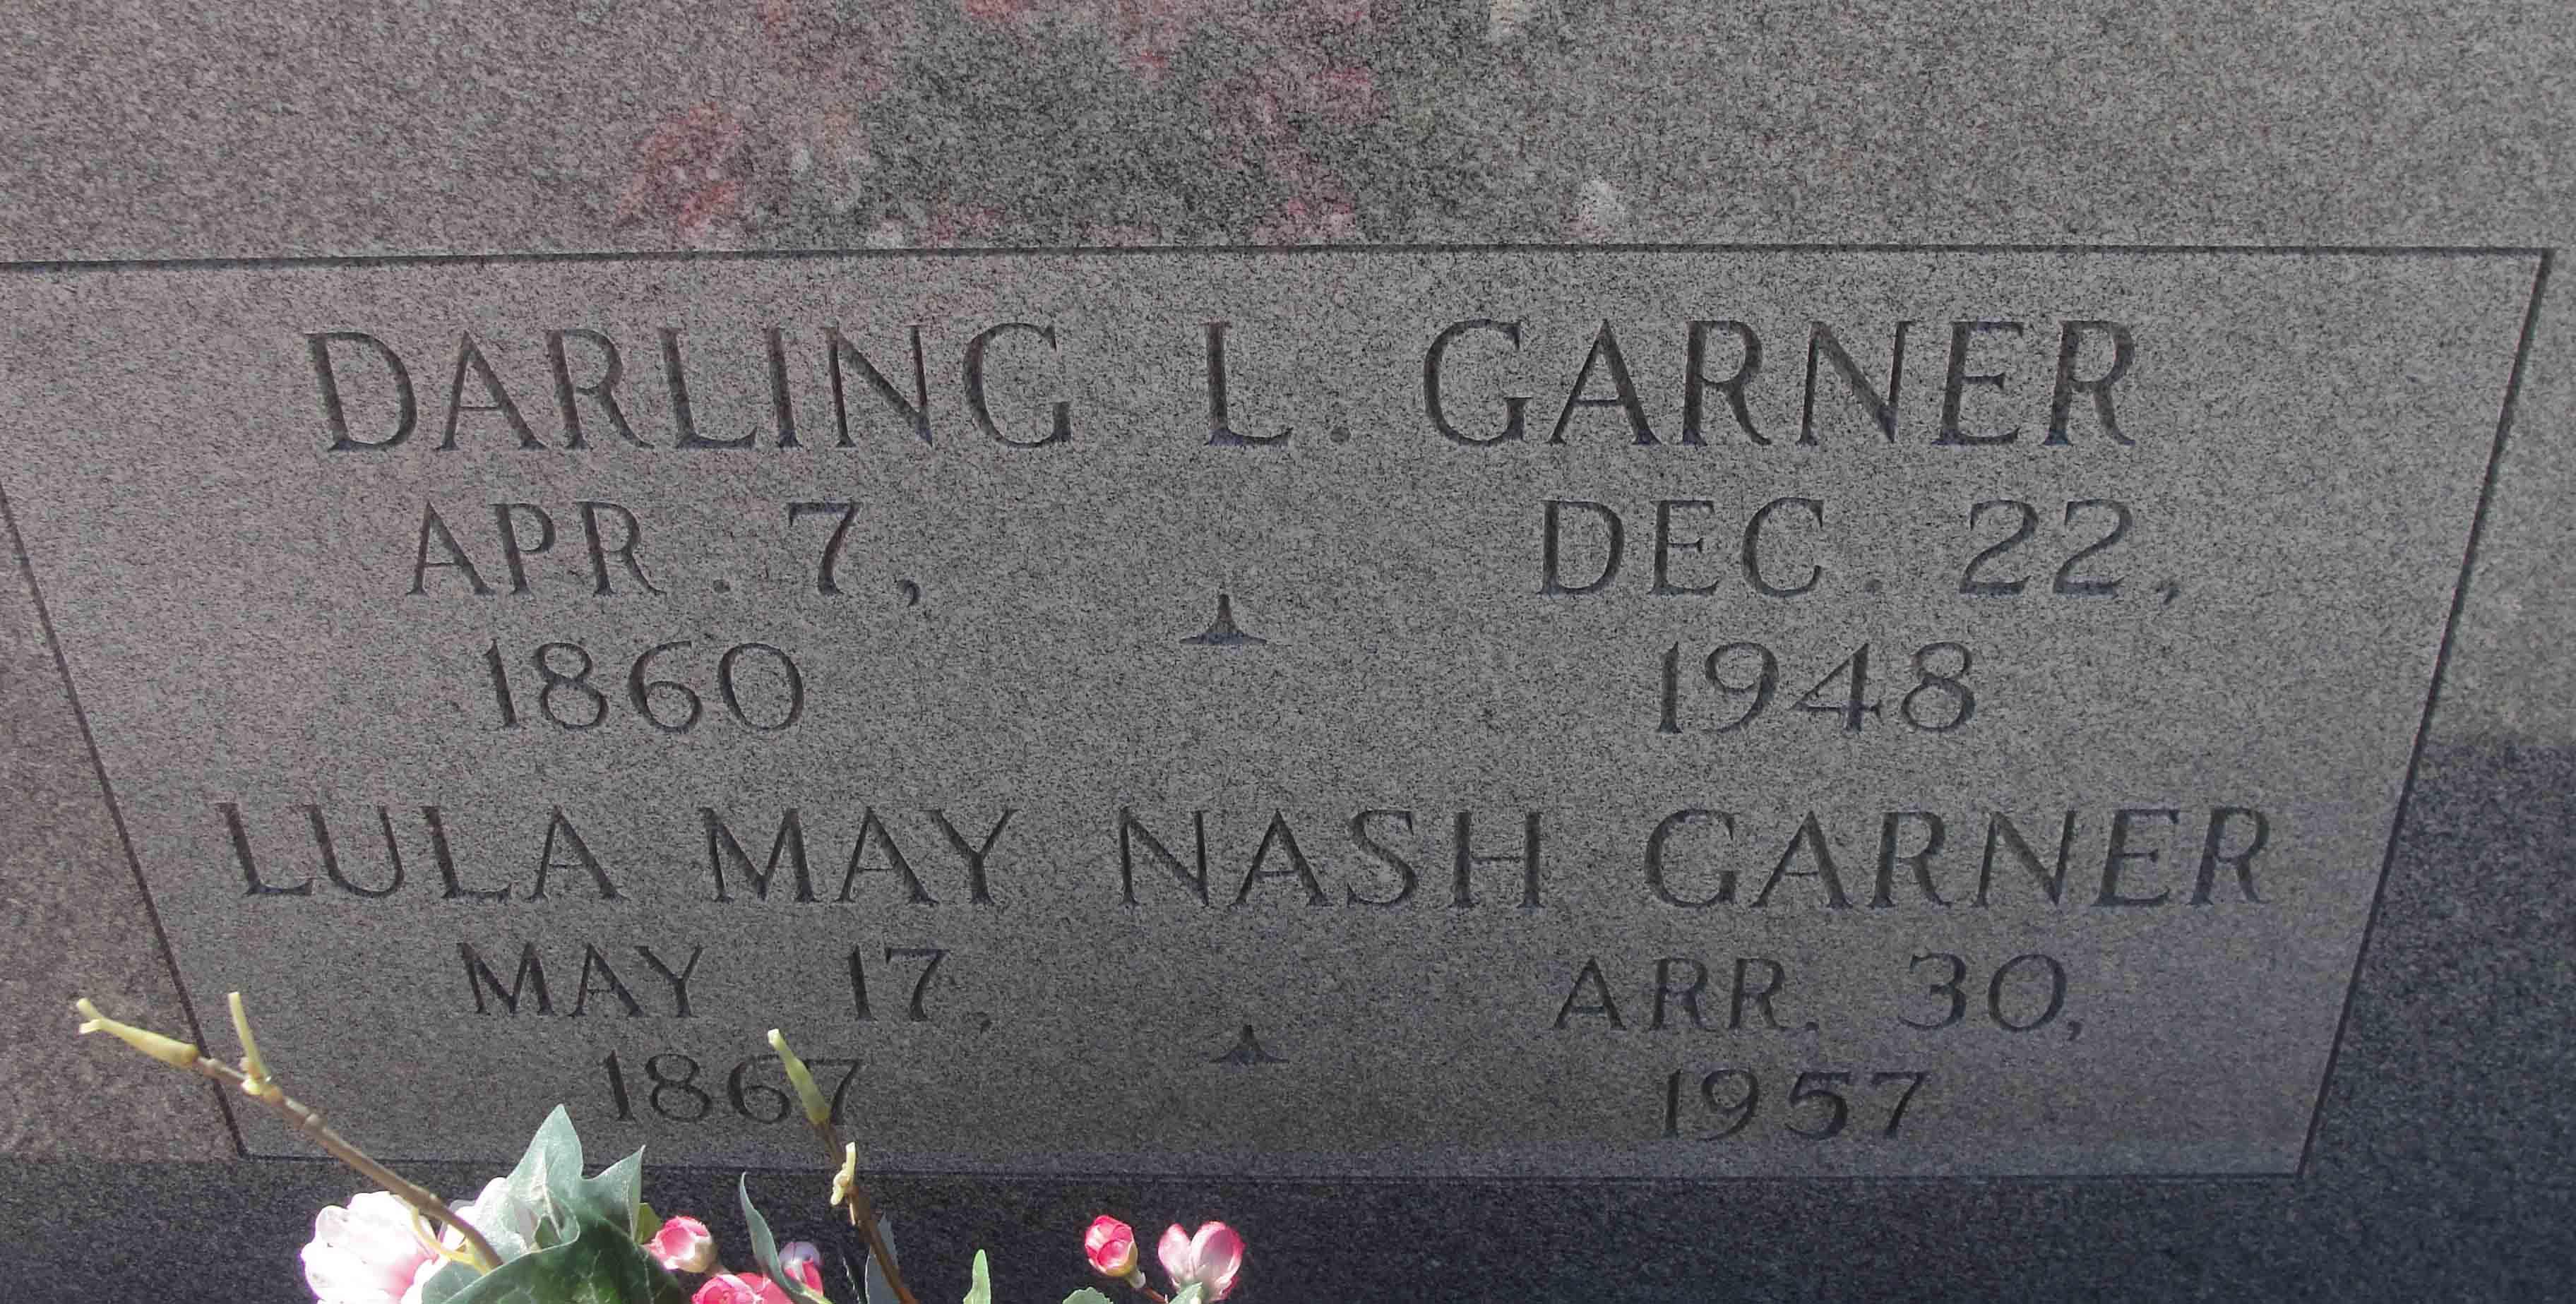 Darling Lanier Garner